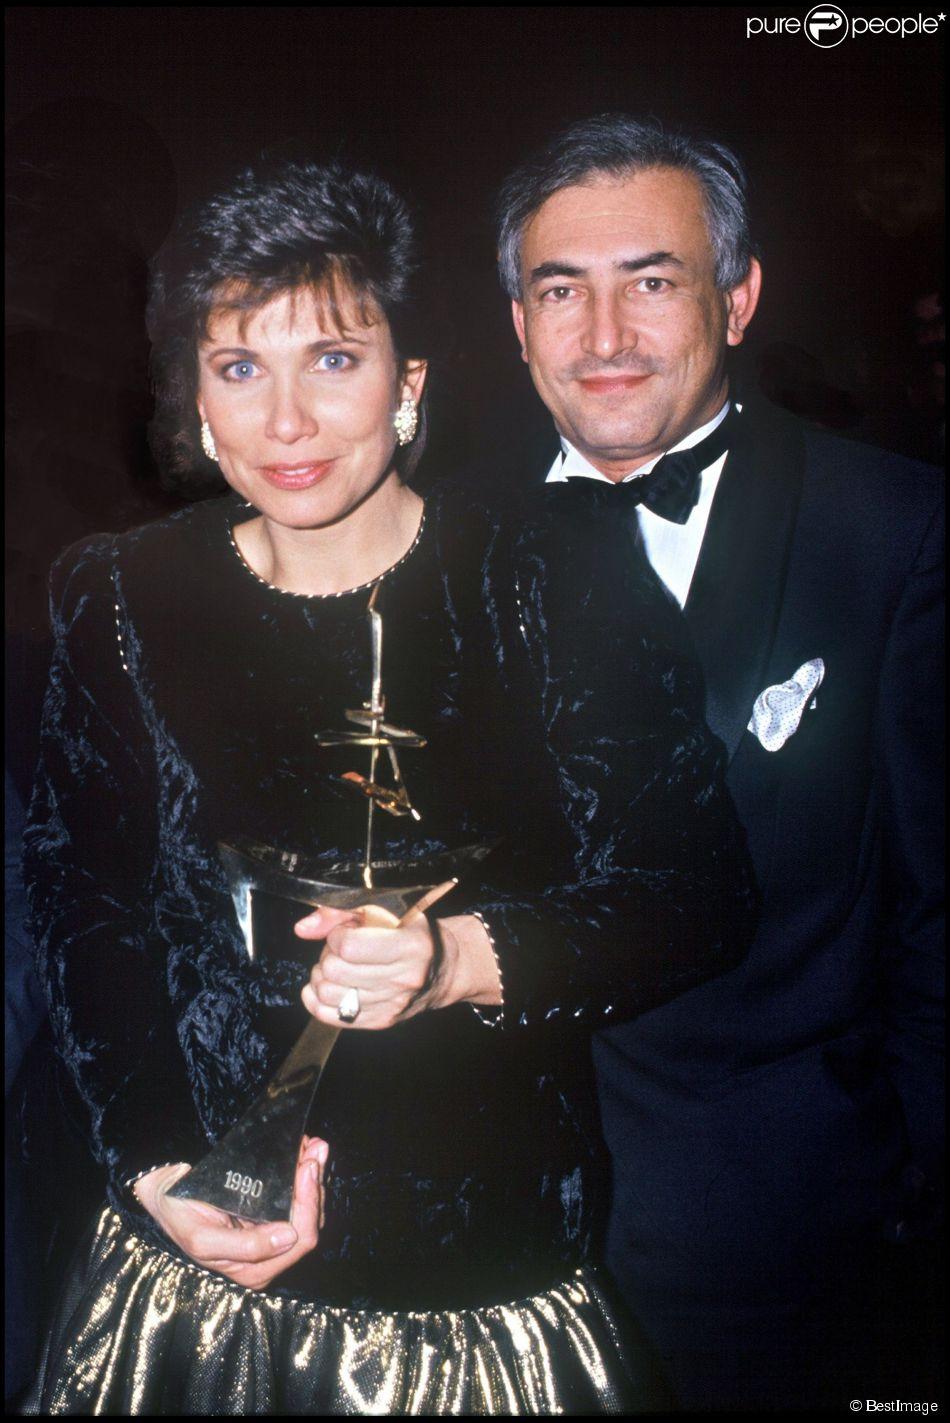 Domnique Strauss-Kahn et Anne Sinclair à la cérémonie des 7 d'Or, à Paris le 18 novembre 1990.